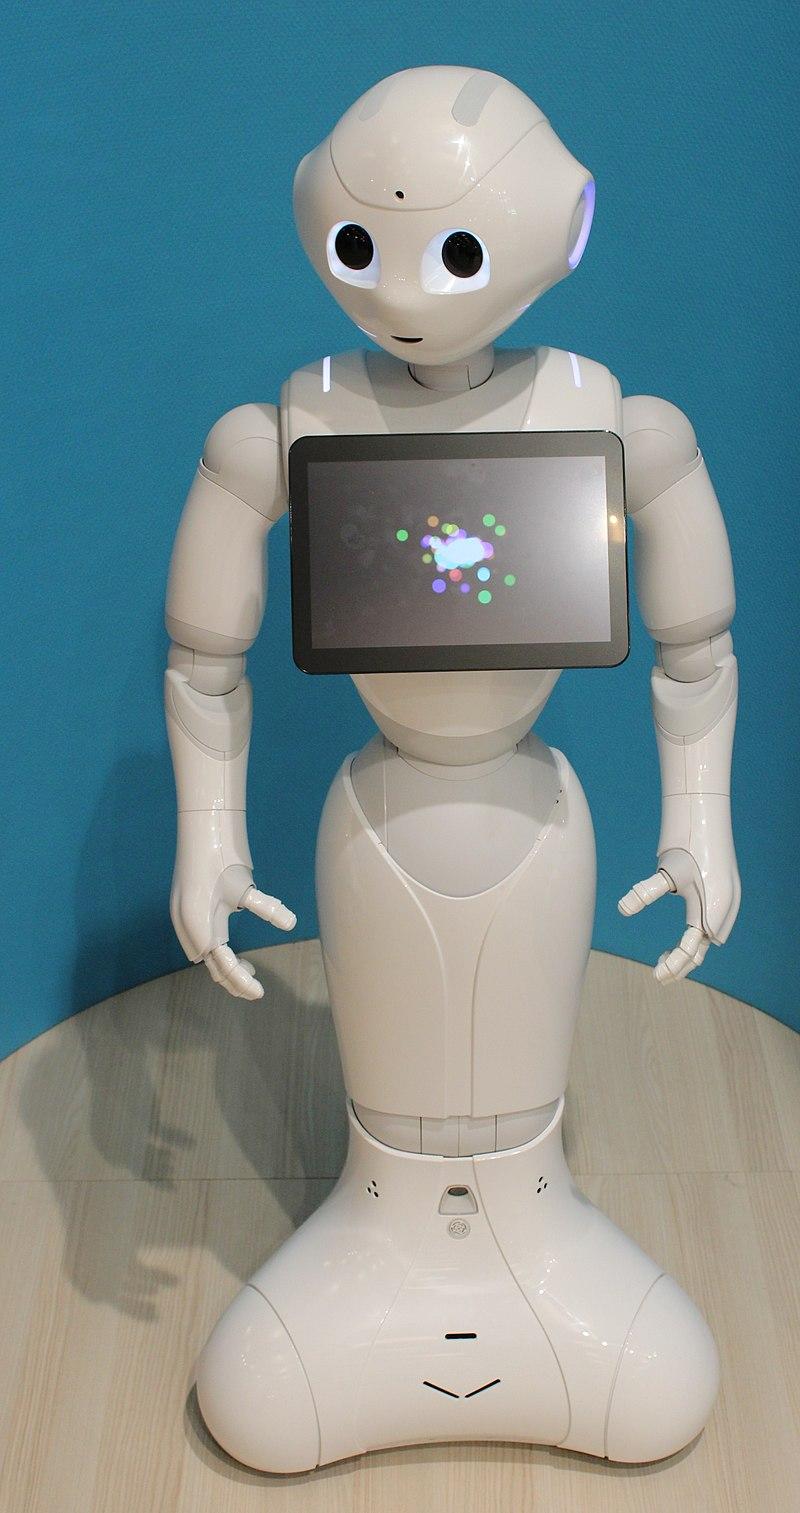 Abbildung des humanoiden Roboters 'Pepper'